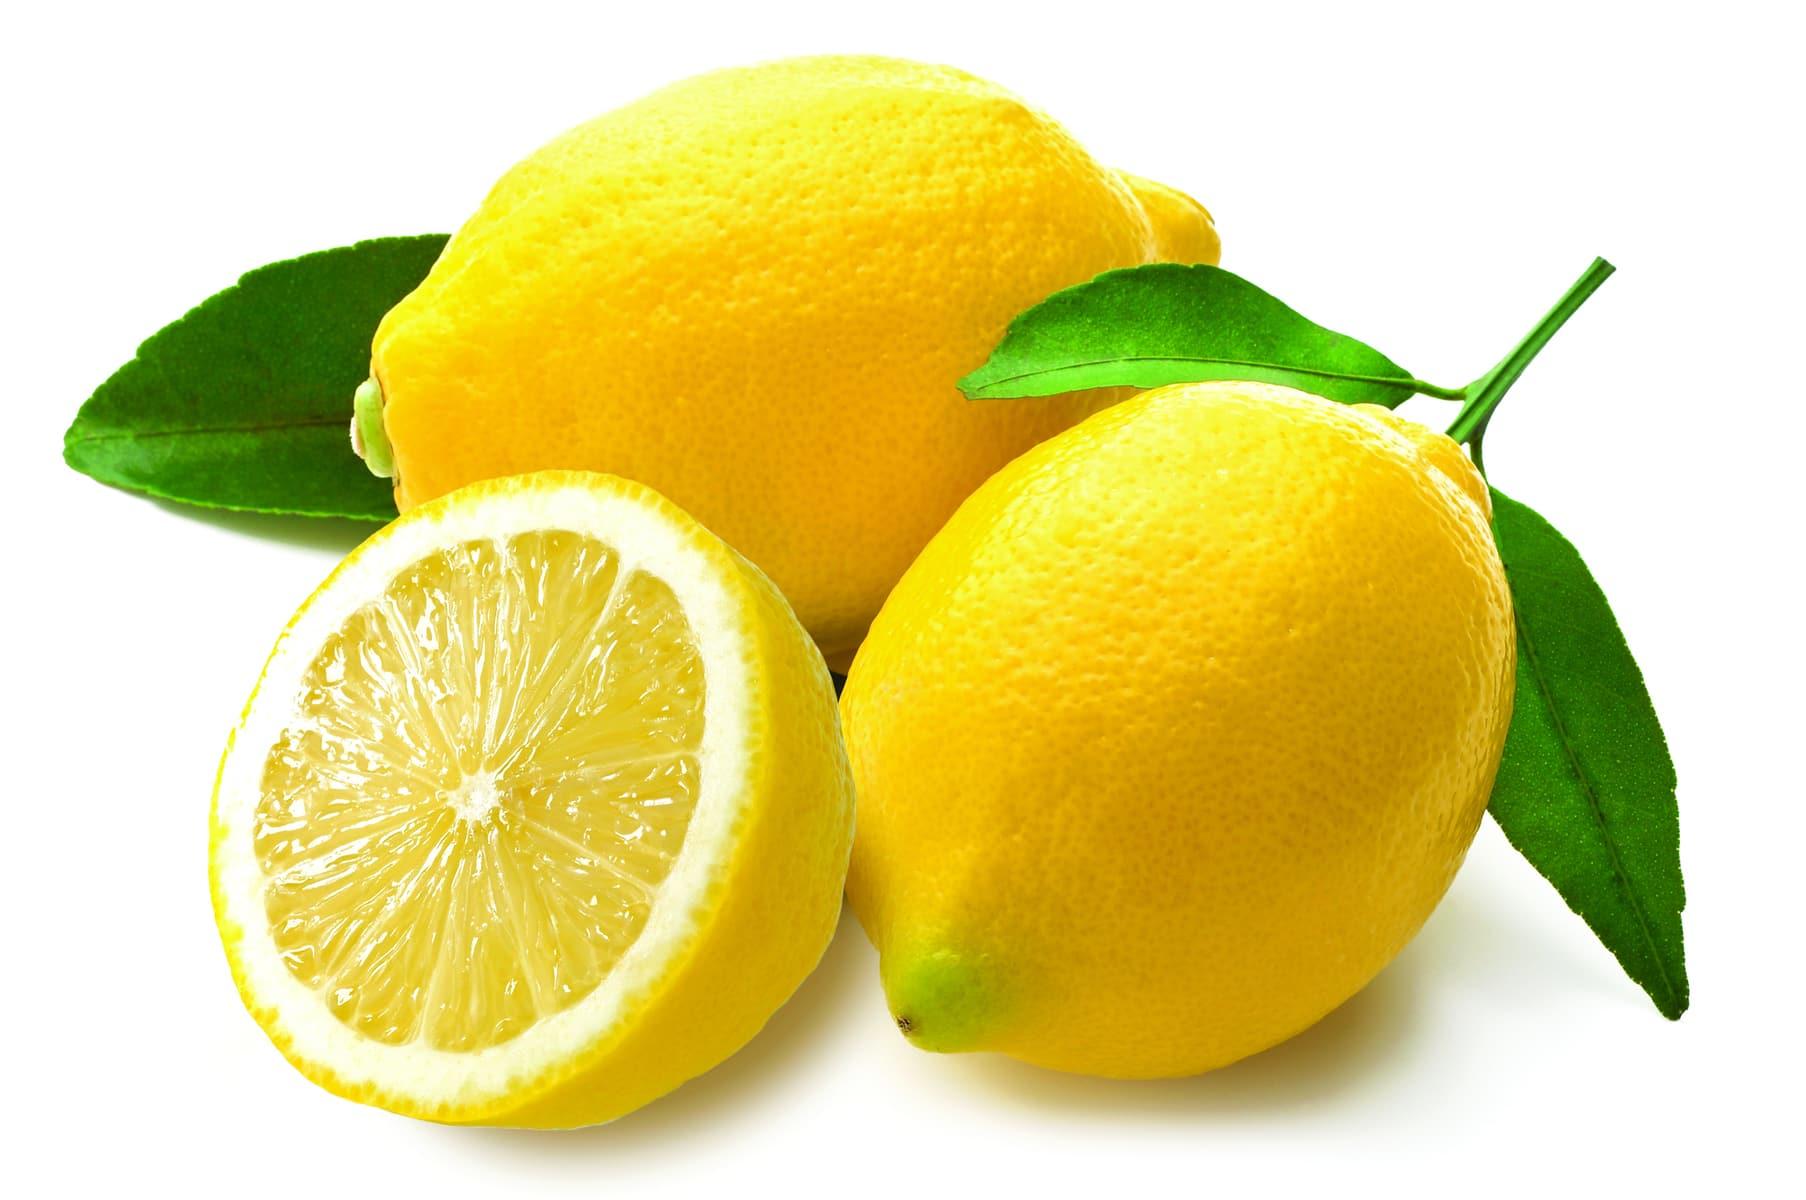 In season August Lemons